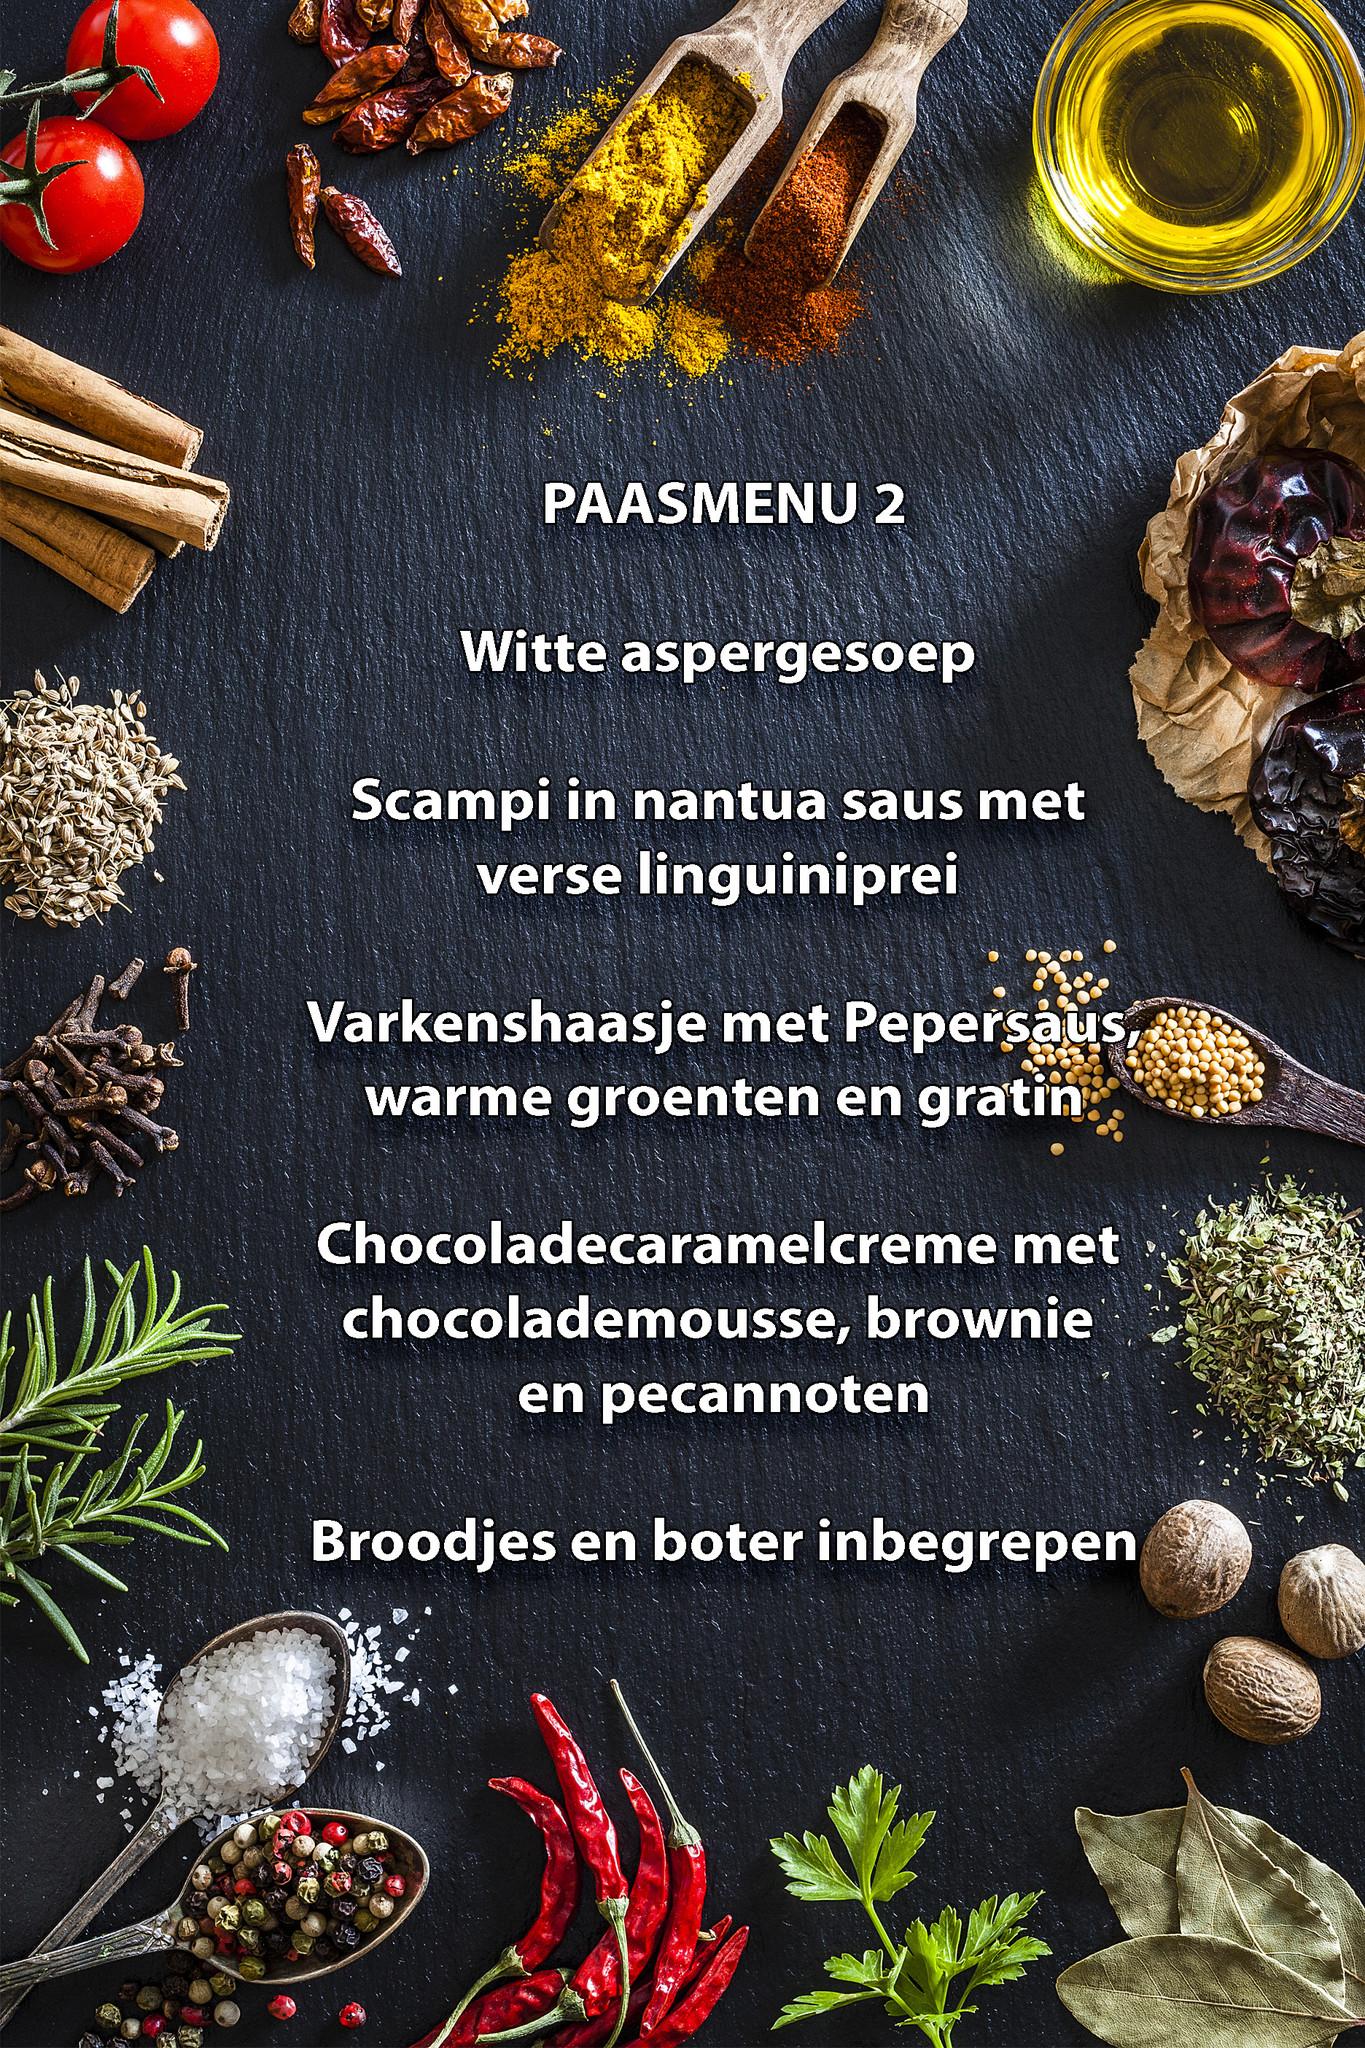 Paas menu 2-1